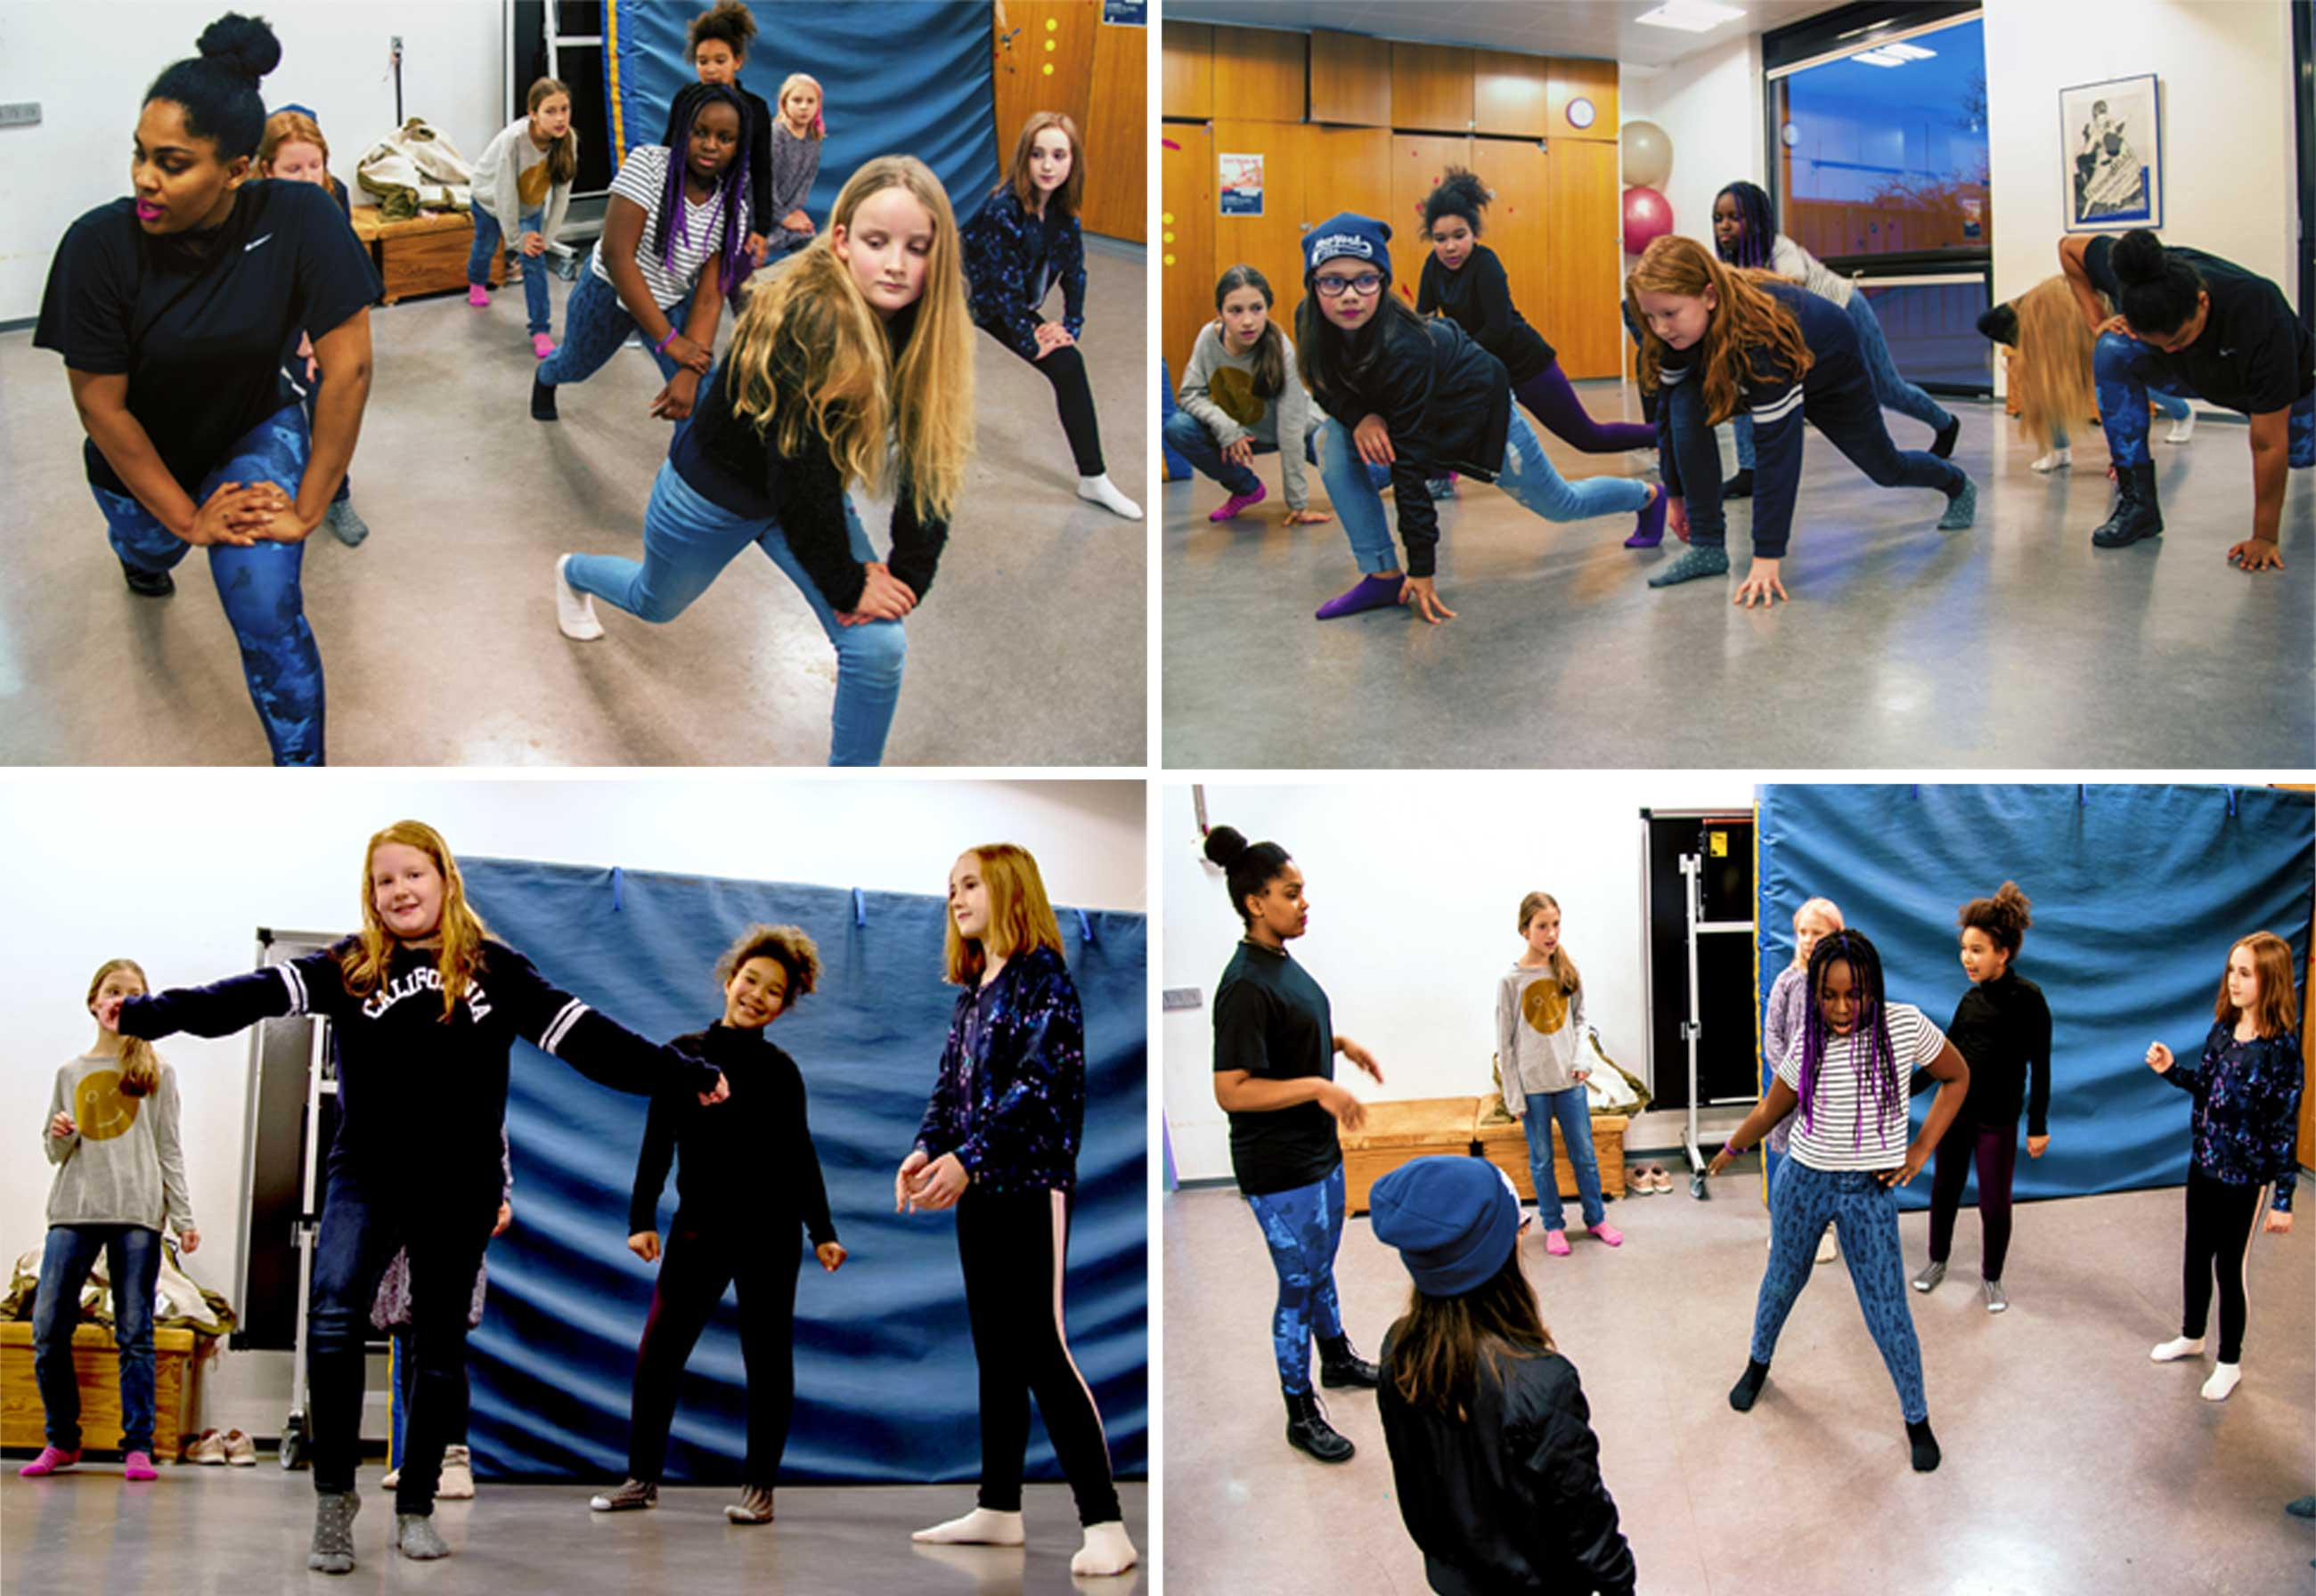 Mädchen*beim Tanzen im M*Z. Foto von L.Vandrei